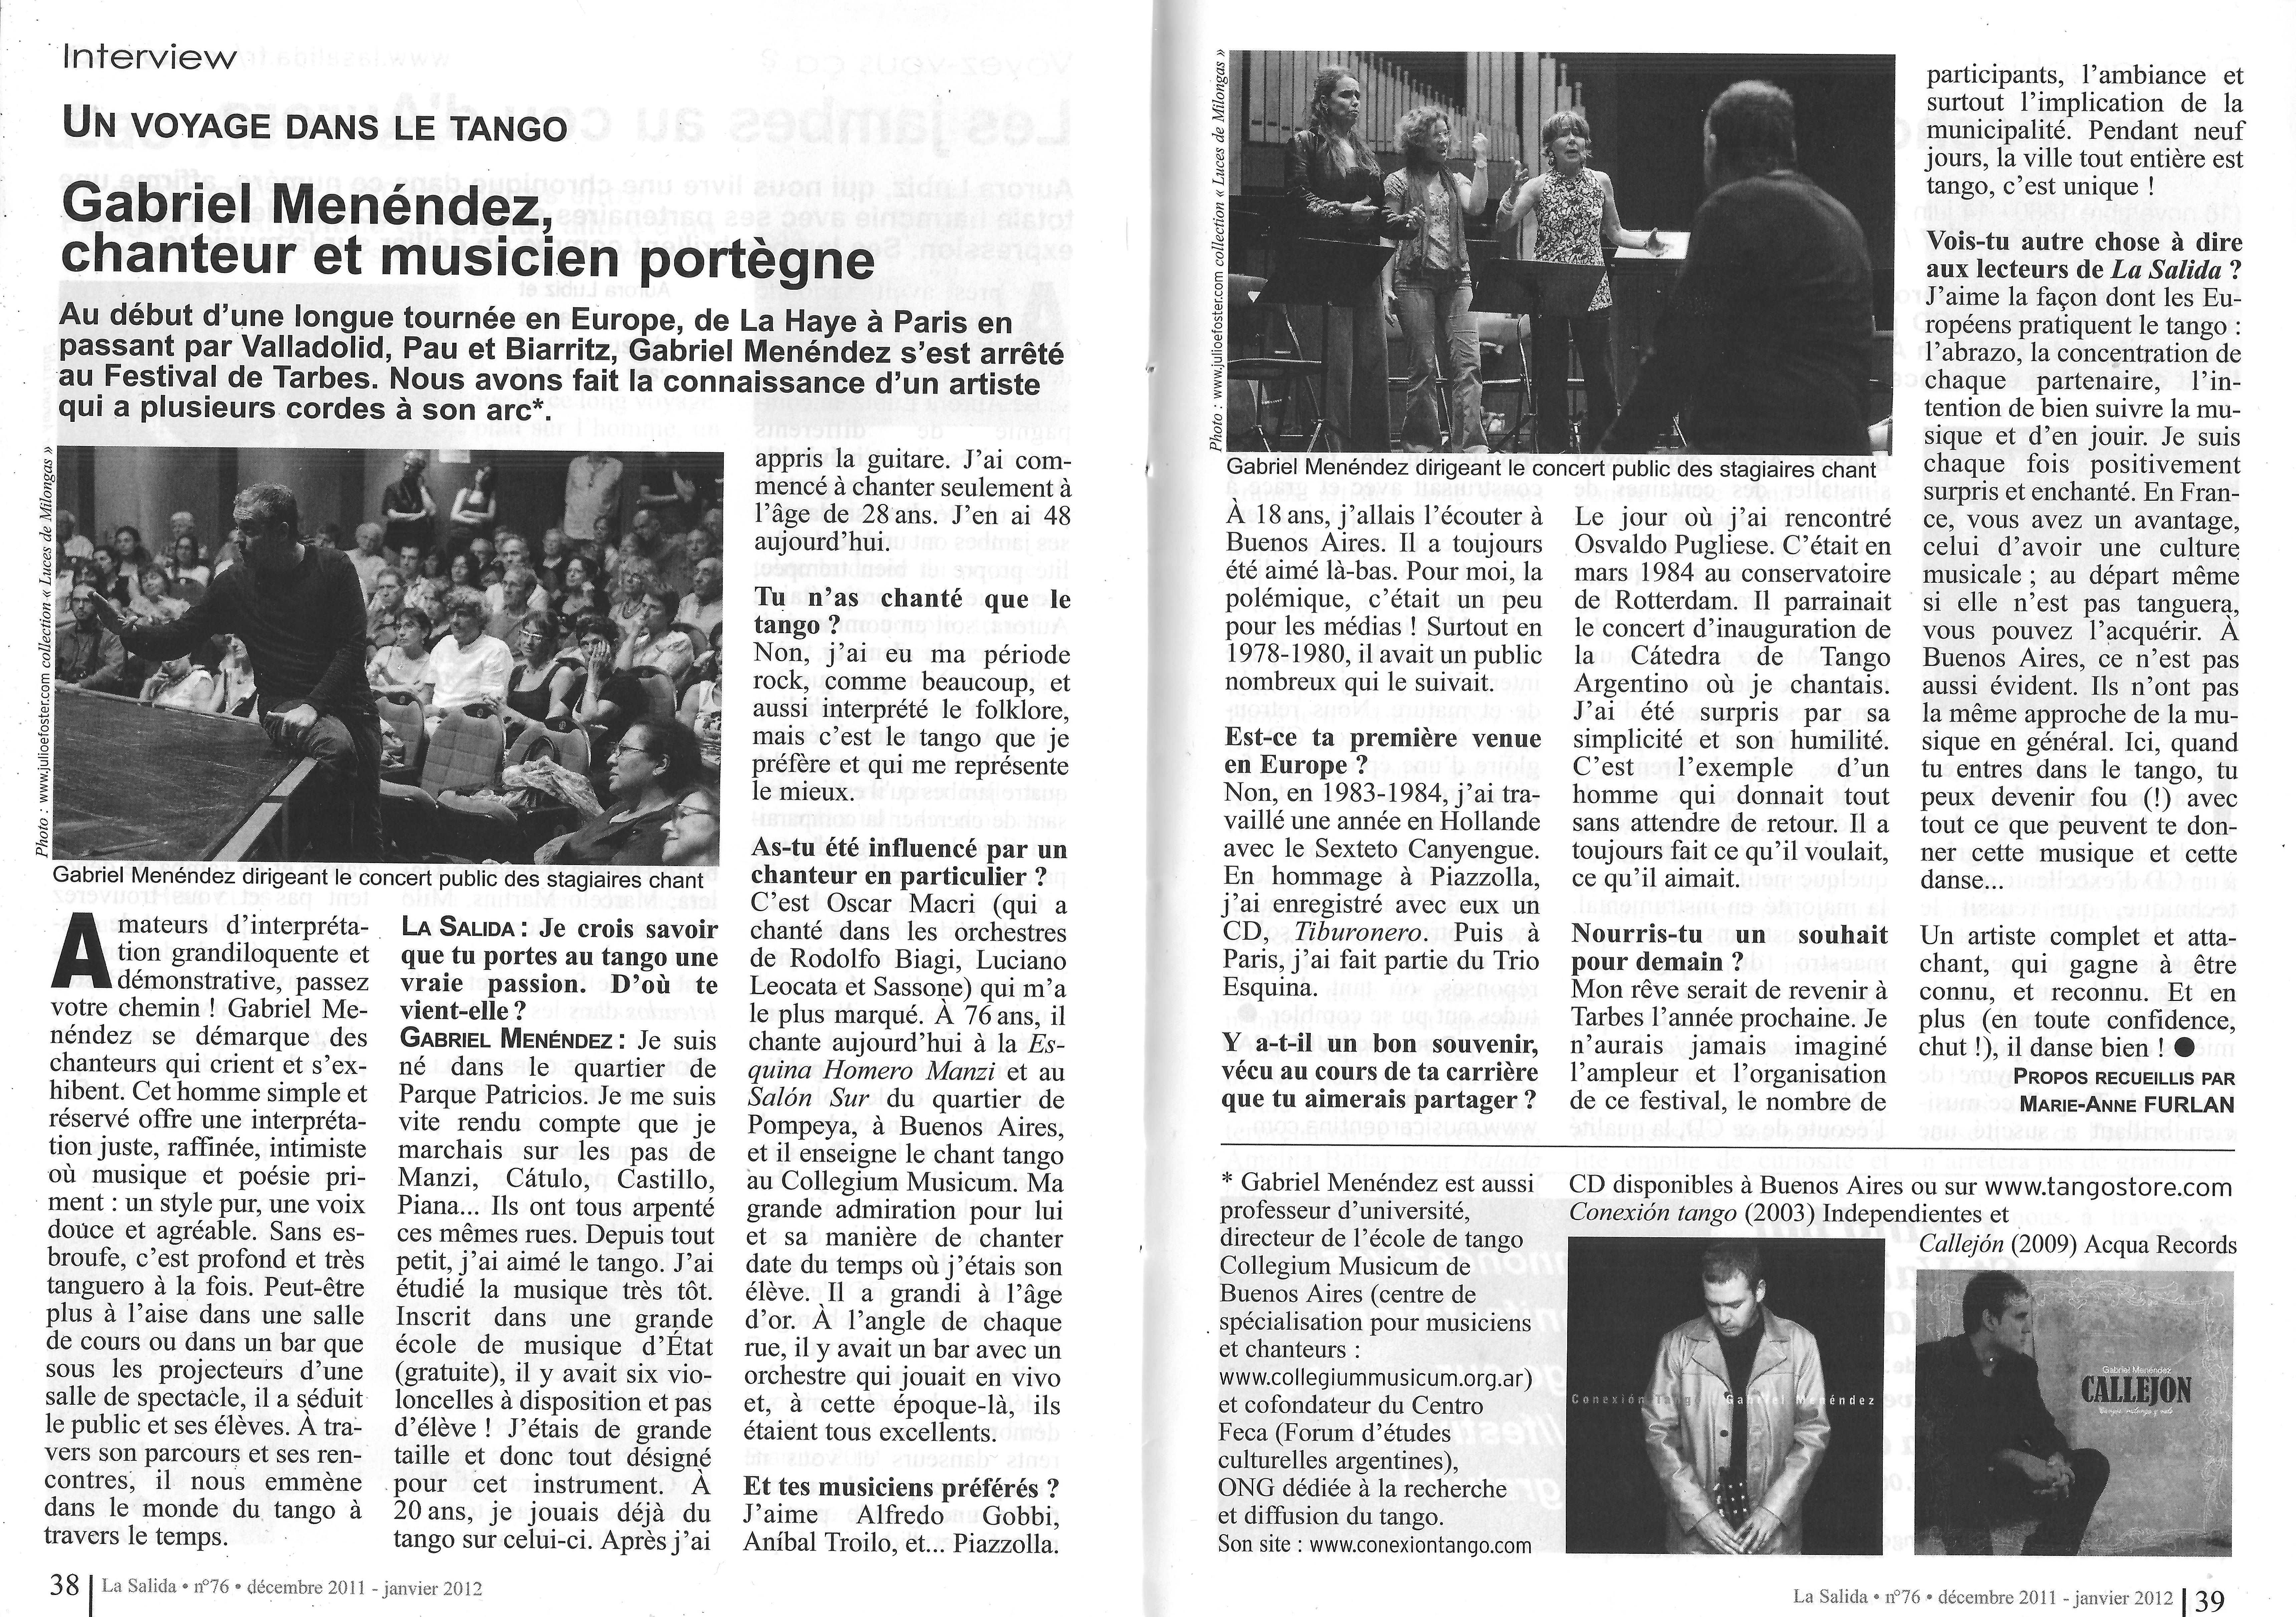 Interview pour La Salida